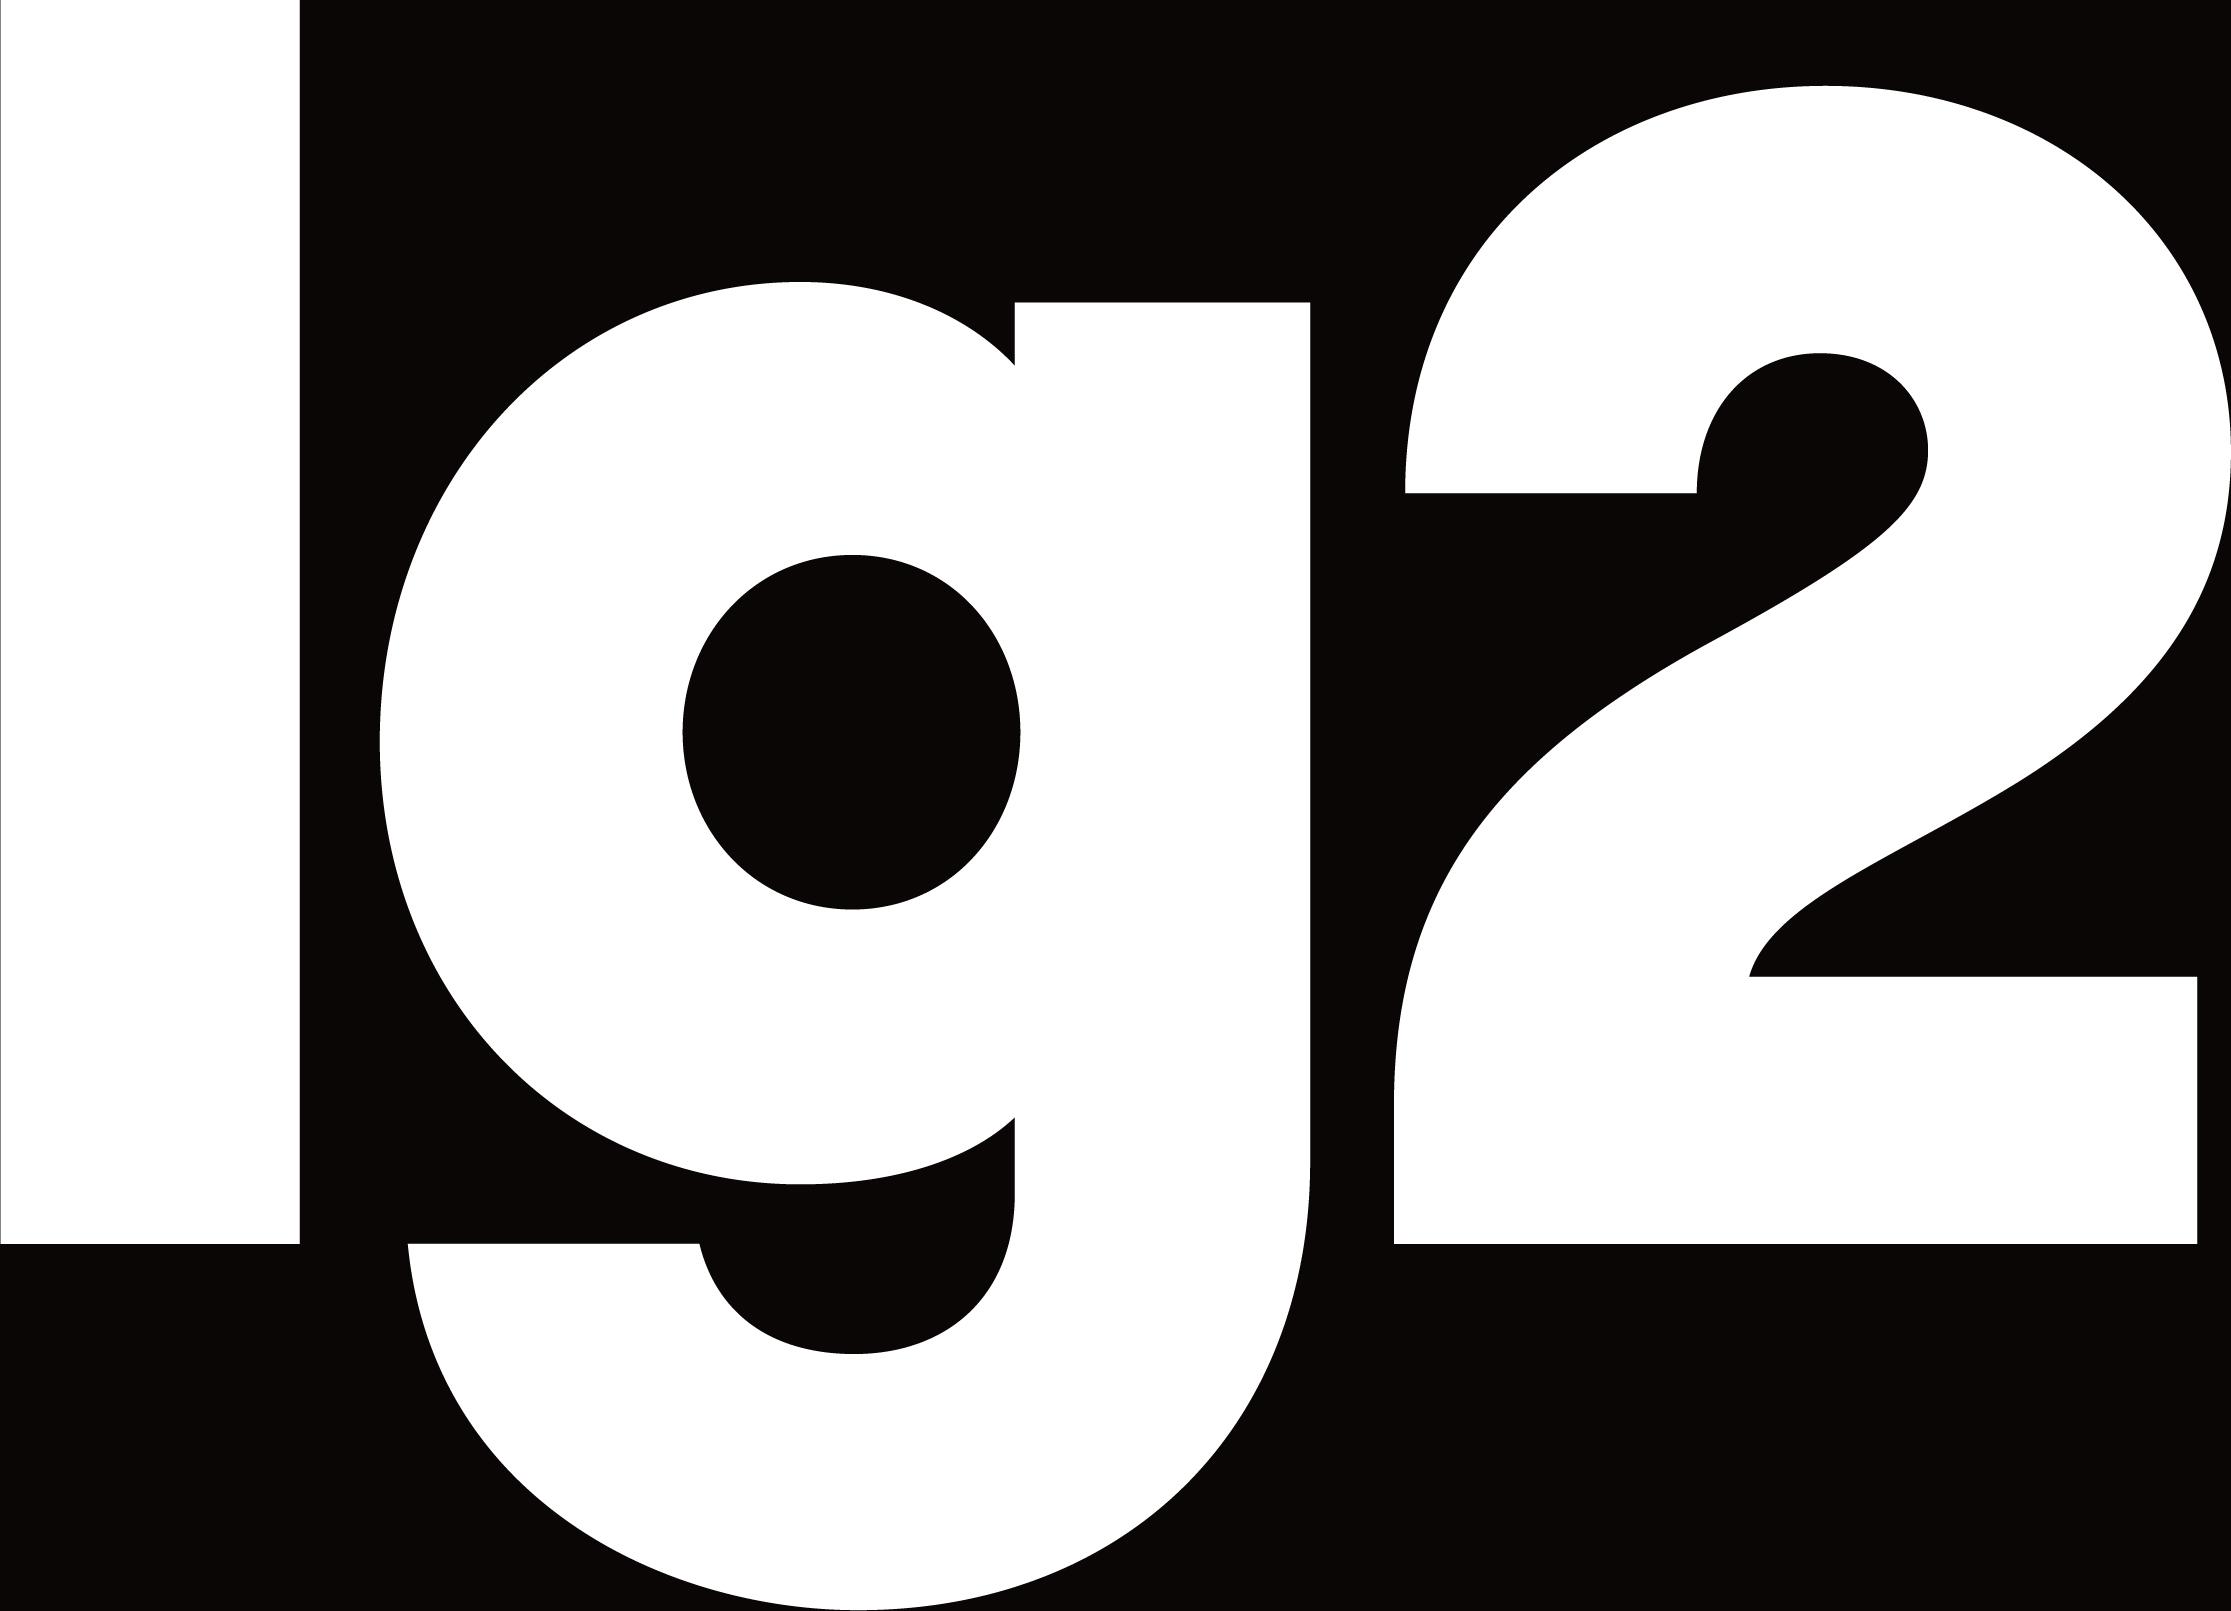 Lg2 logo 2020 renv RGB